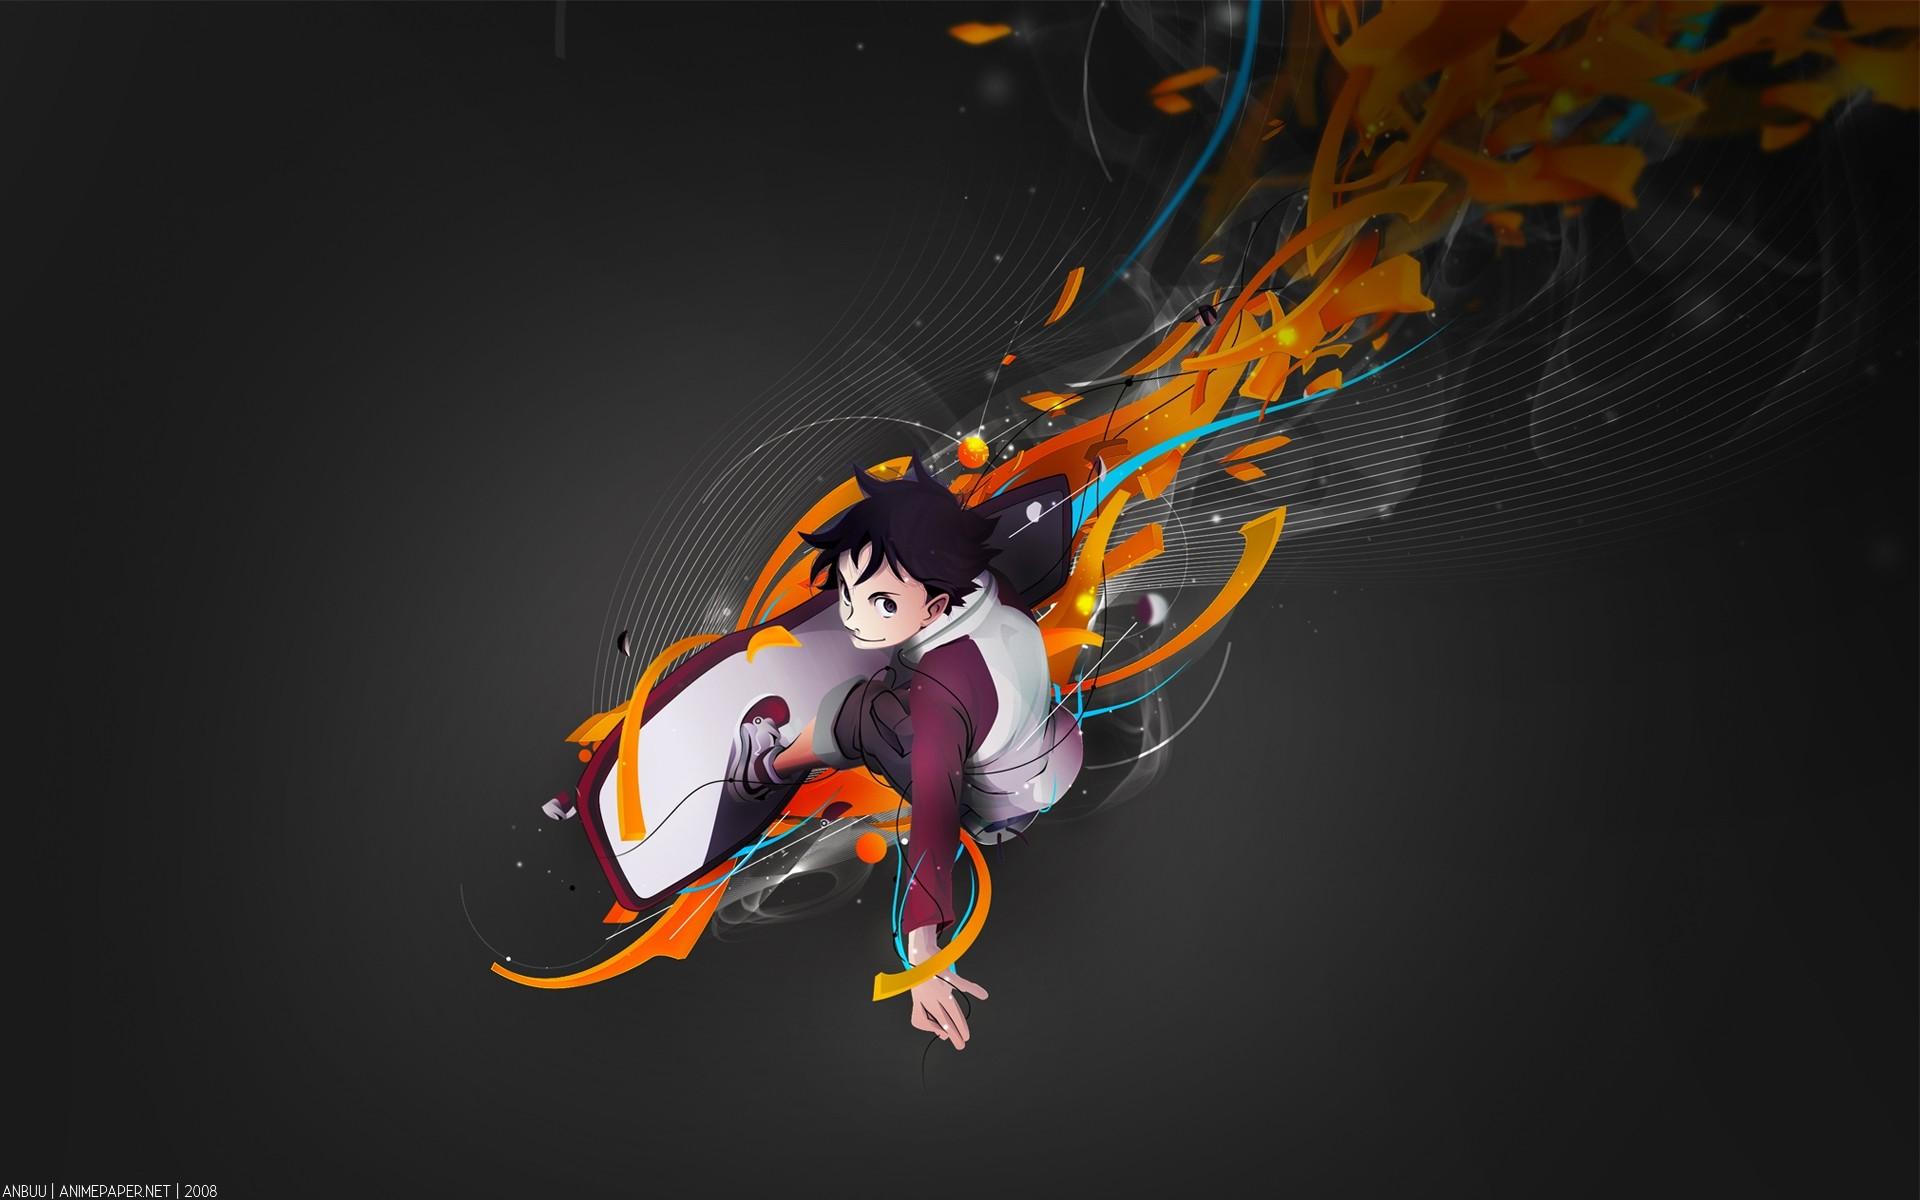 anime wallpaper   anime, wallpapers, wallpaper, surfing, surf, hallway,  paper